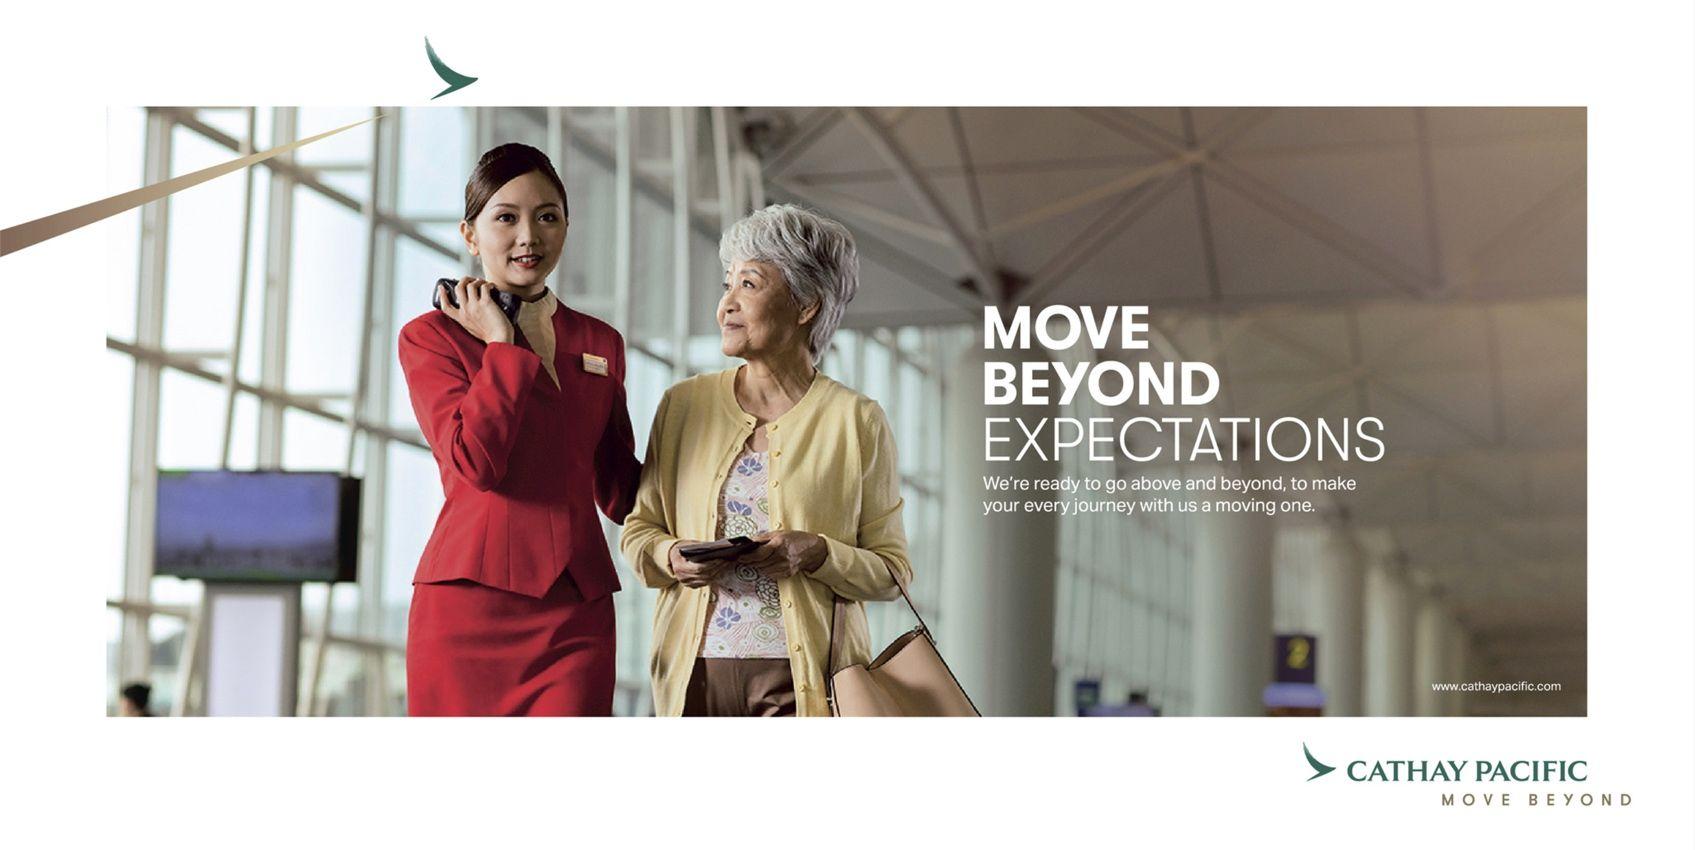 国泰航空全新品牌重塑大片:超越一切,去向未来